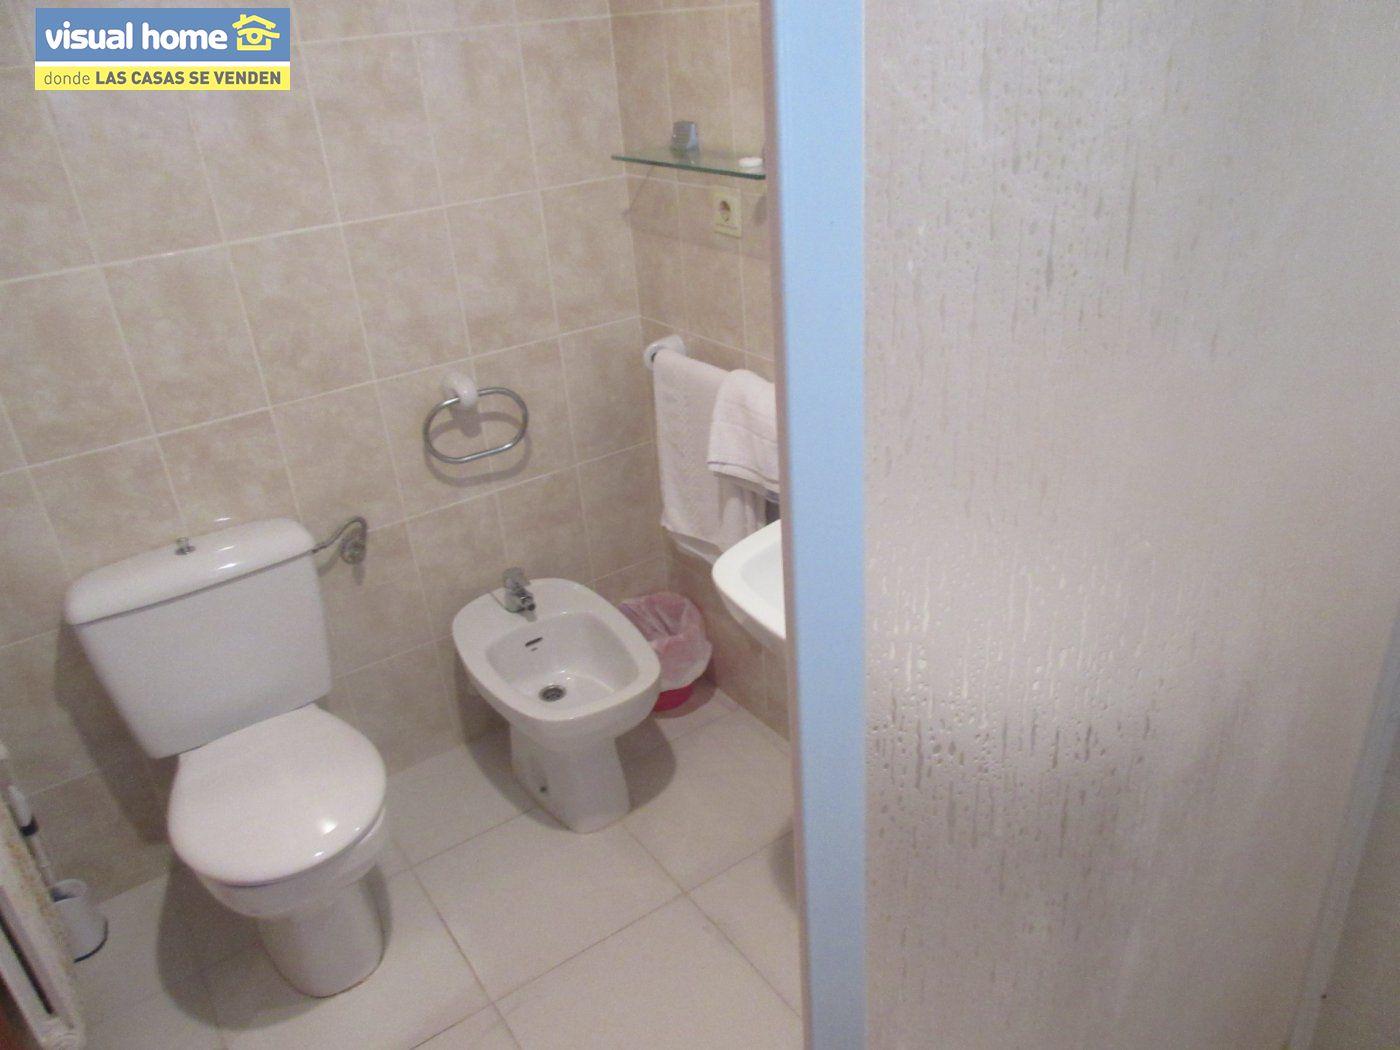 Apartamento de un dormitorio con parking y piscina en Rincón de Loix llano 17